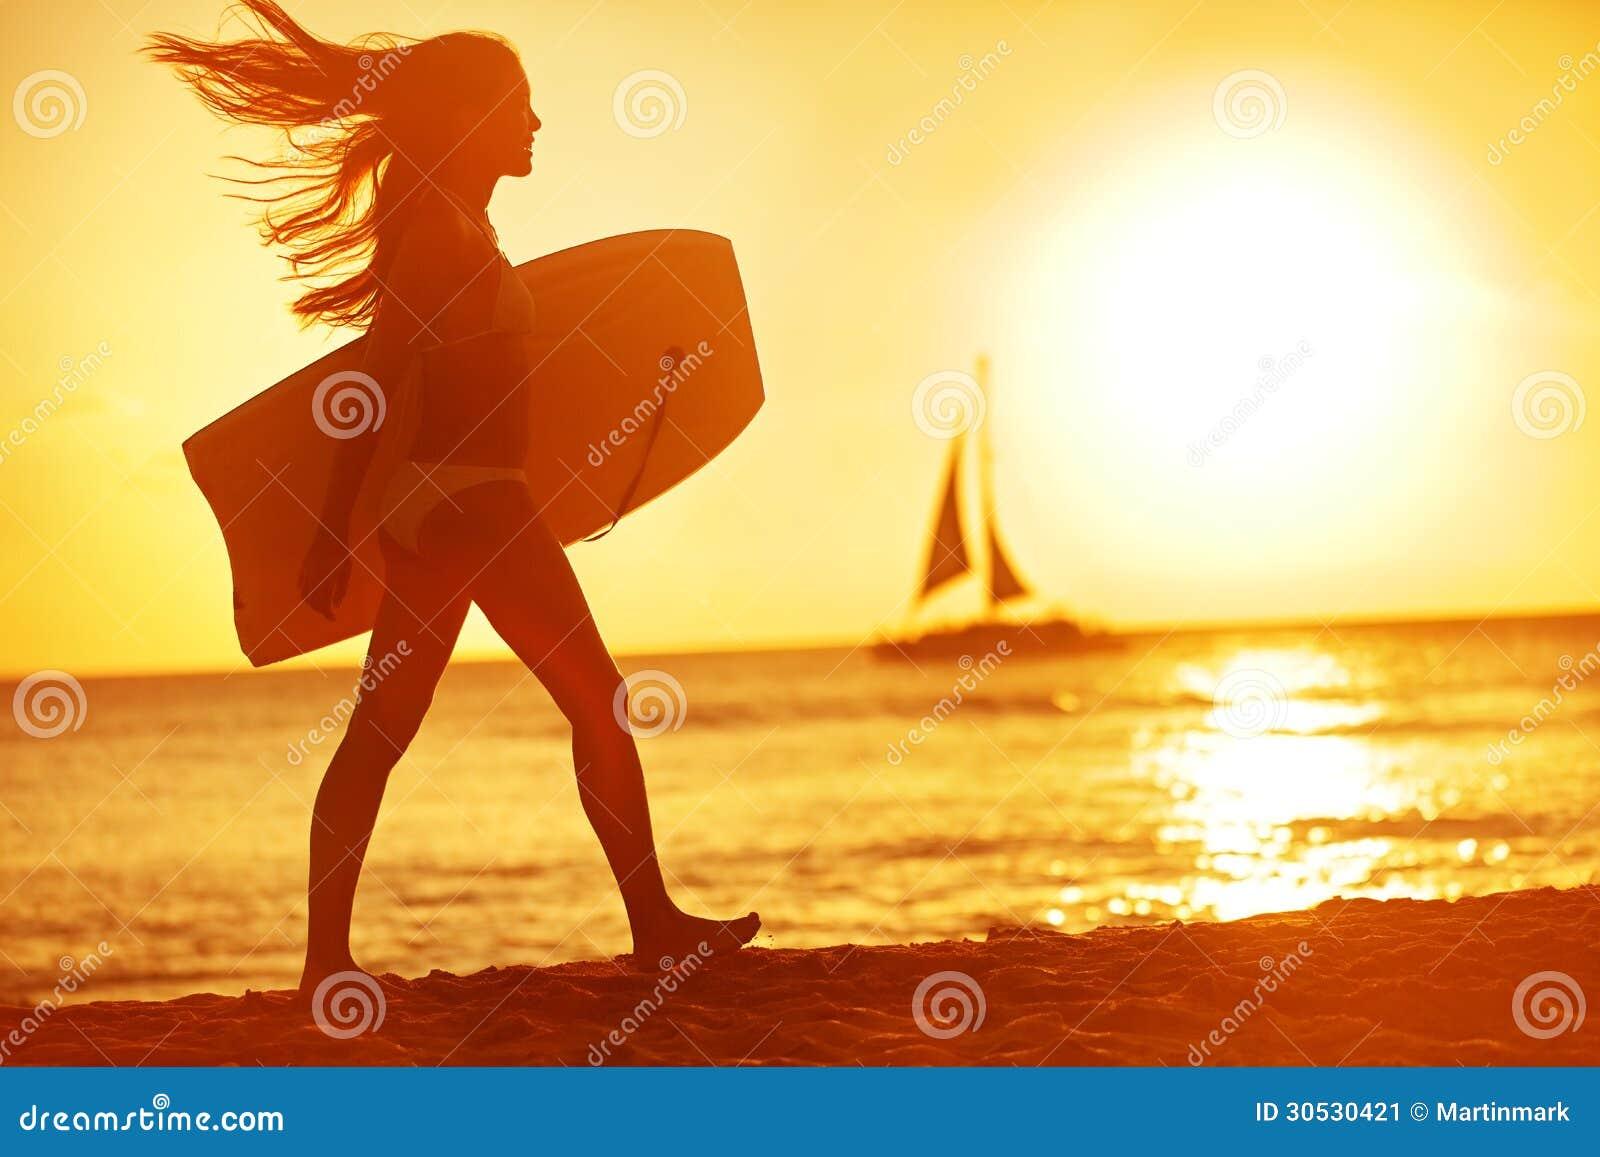 Divertimento da praia do surfista do corpo da mulher do verão no por do sol